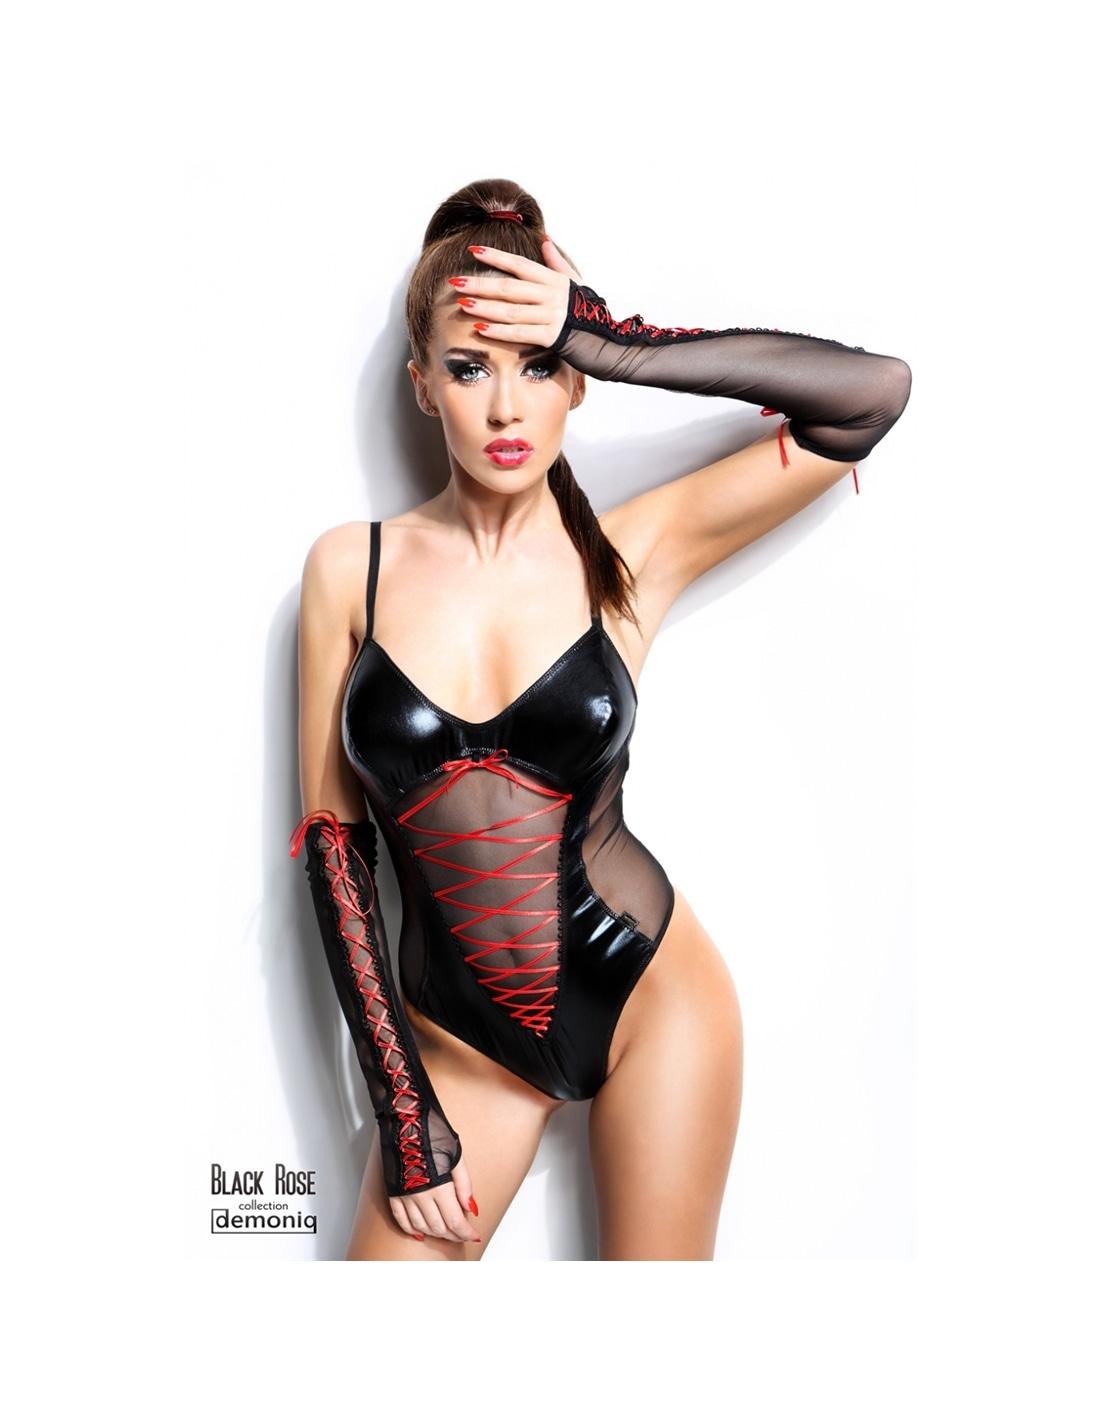 Body Evelyne Demoniq Preto - 36-38 S/M - PR2010339672